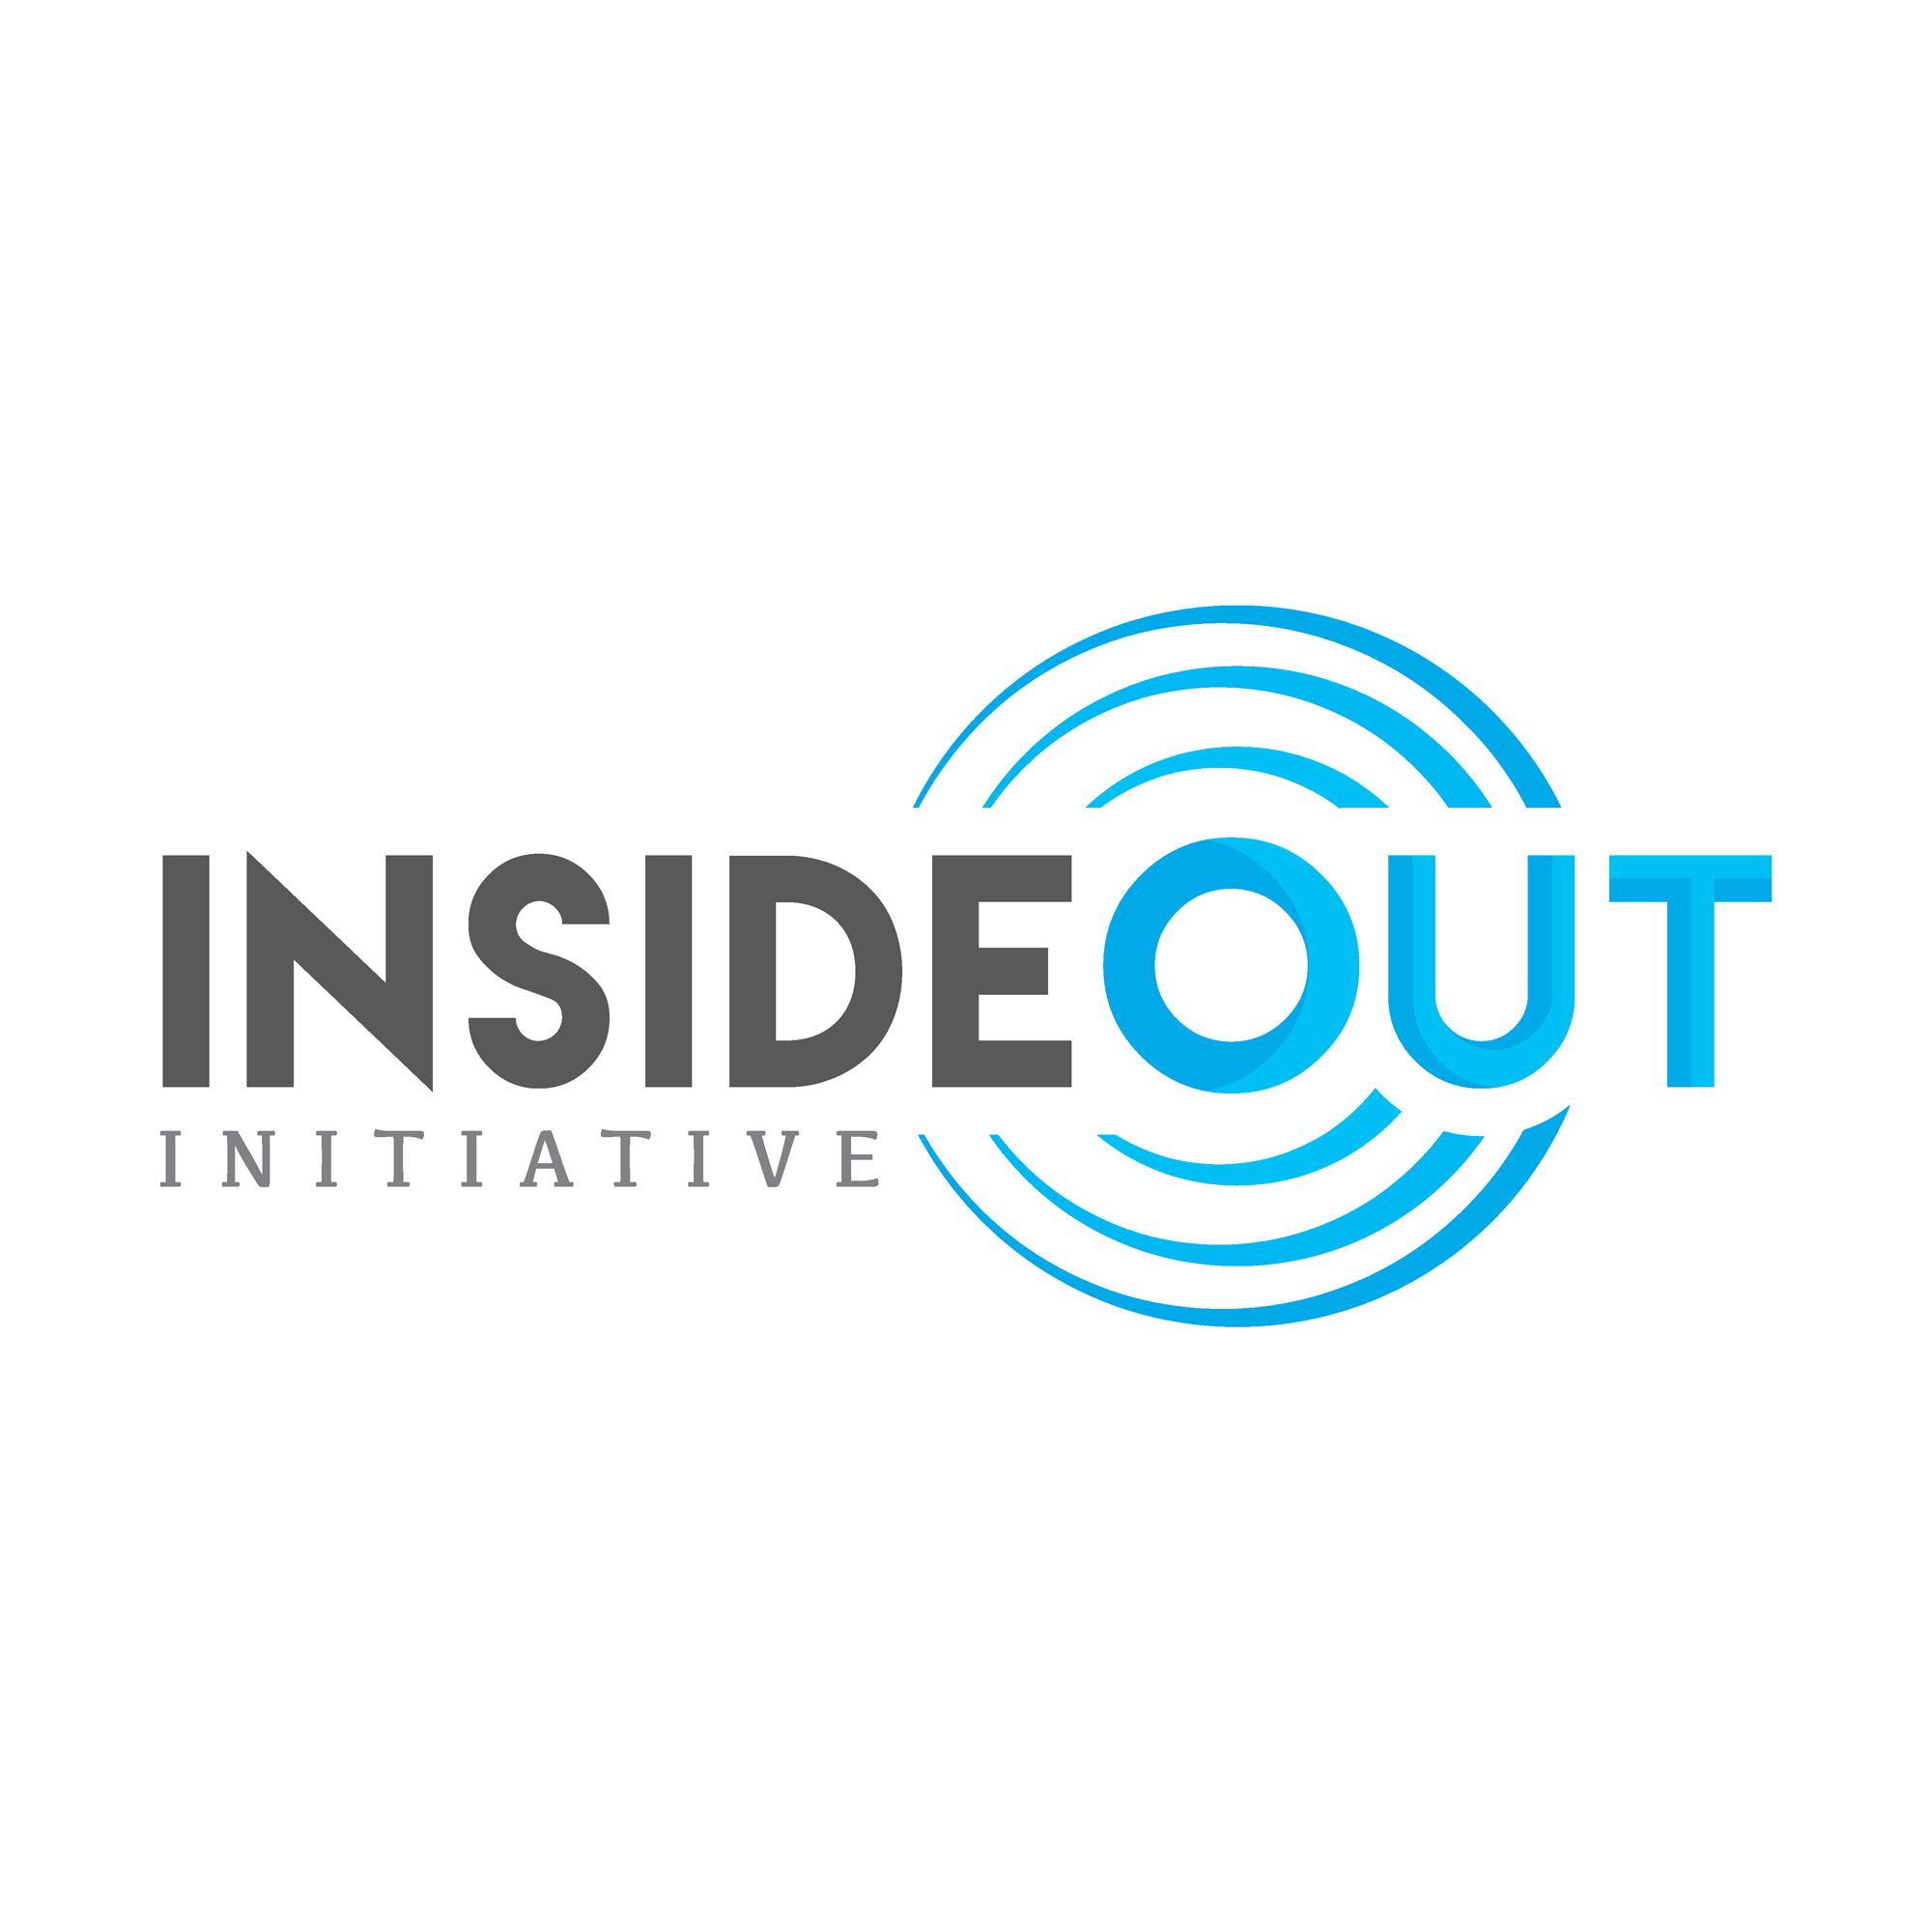 insideout initiatve